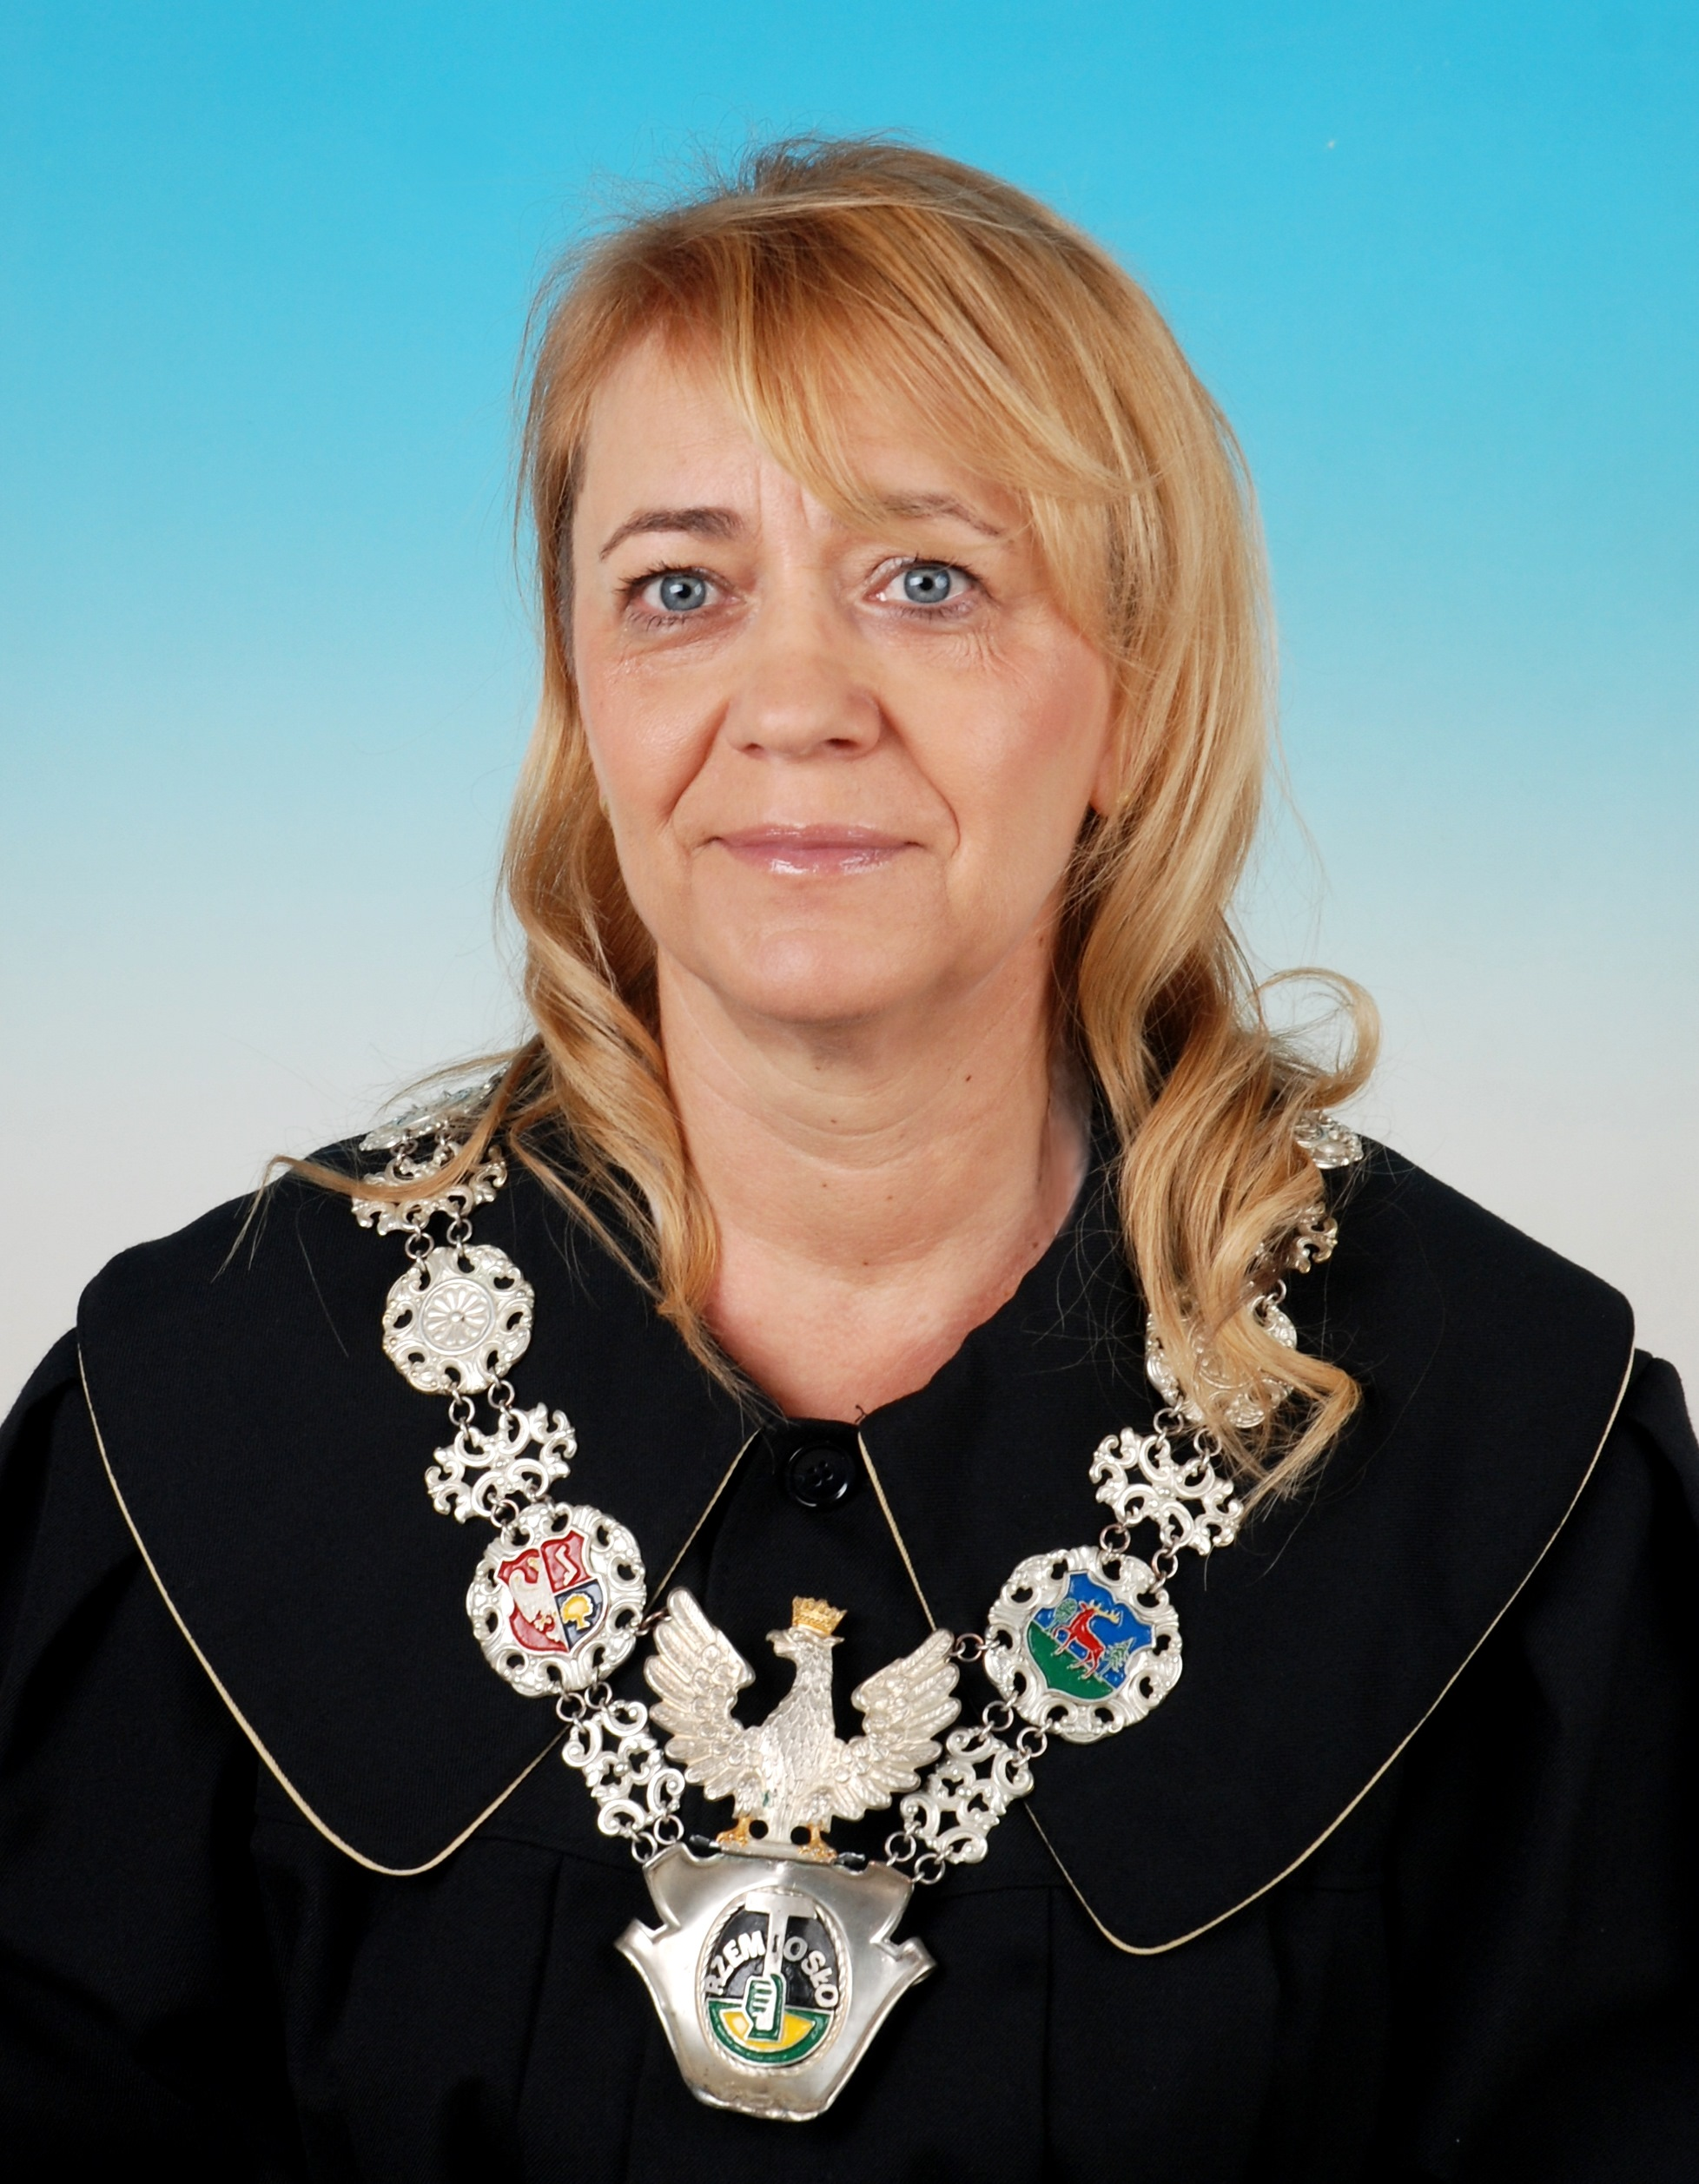 Anna Stawiszyńska